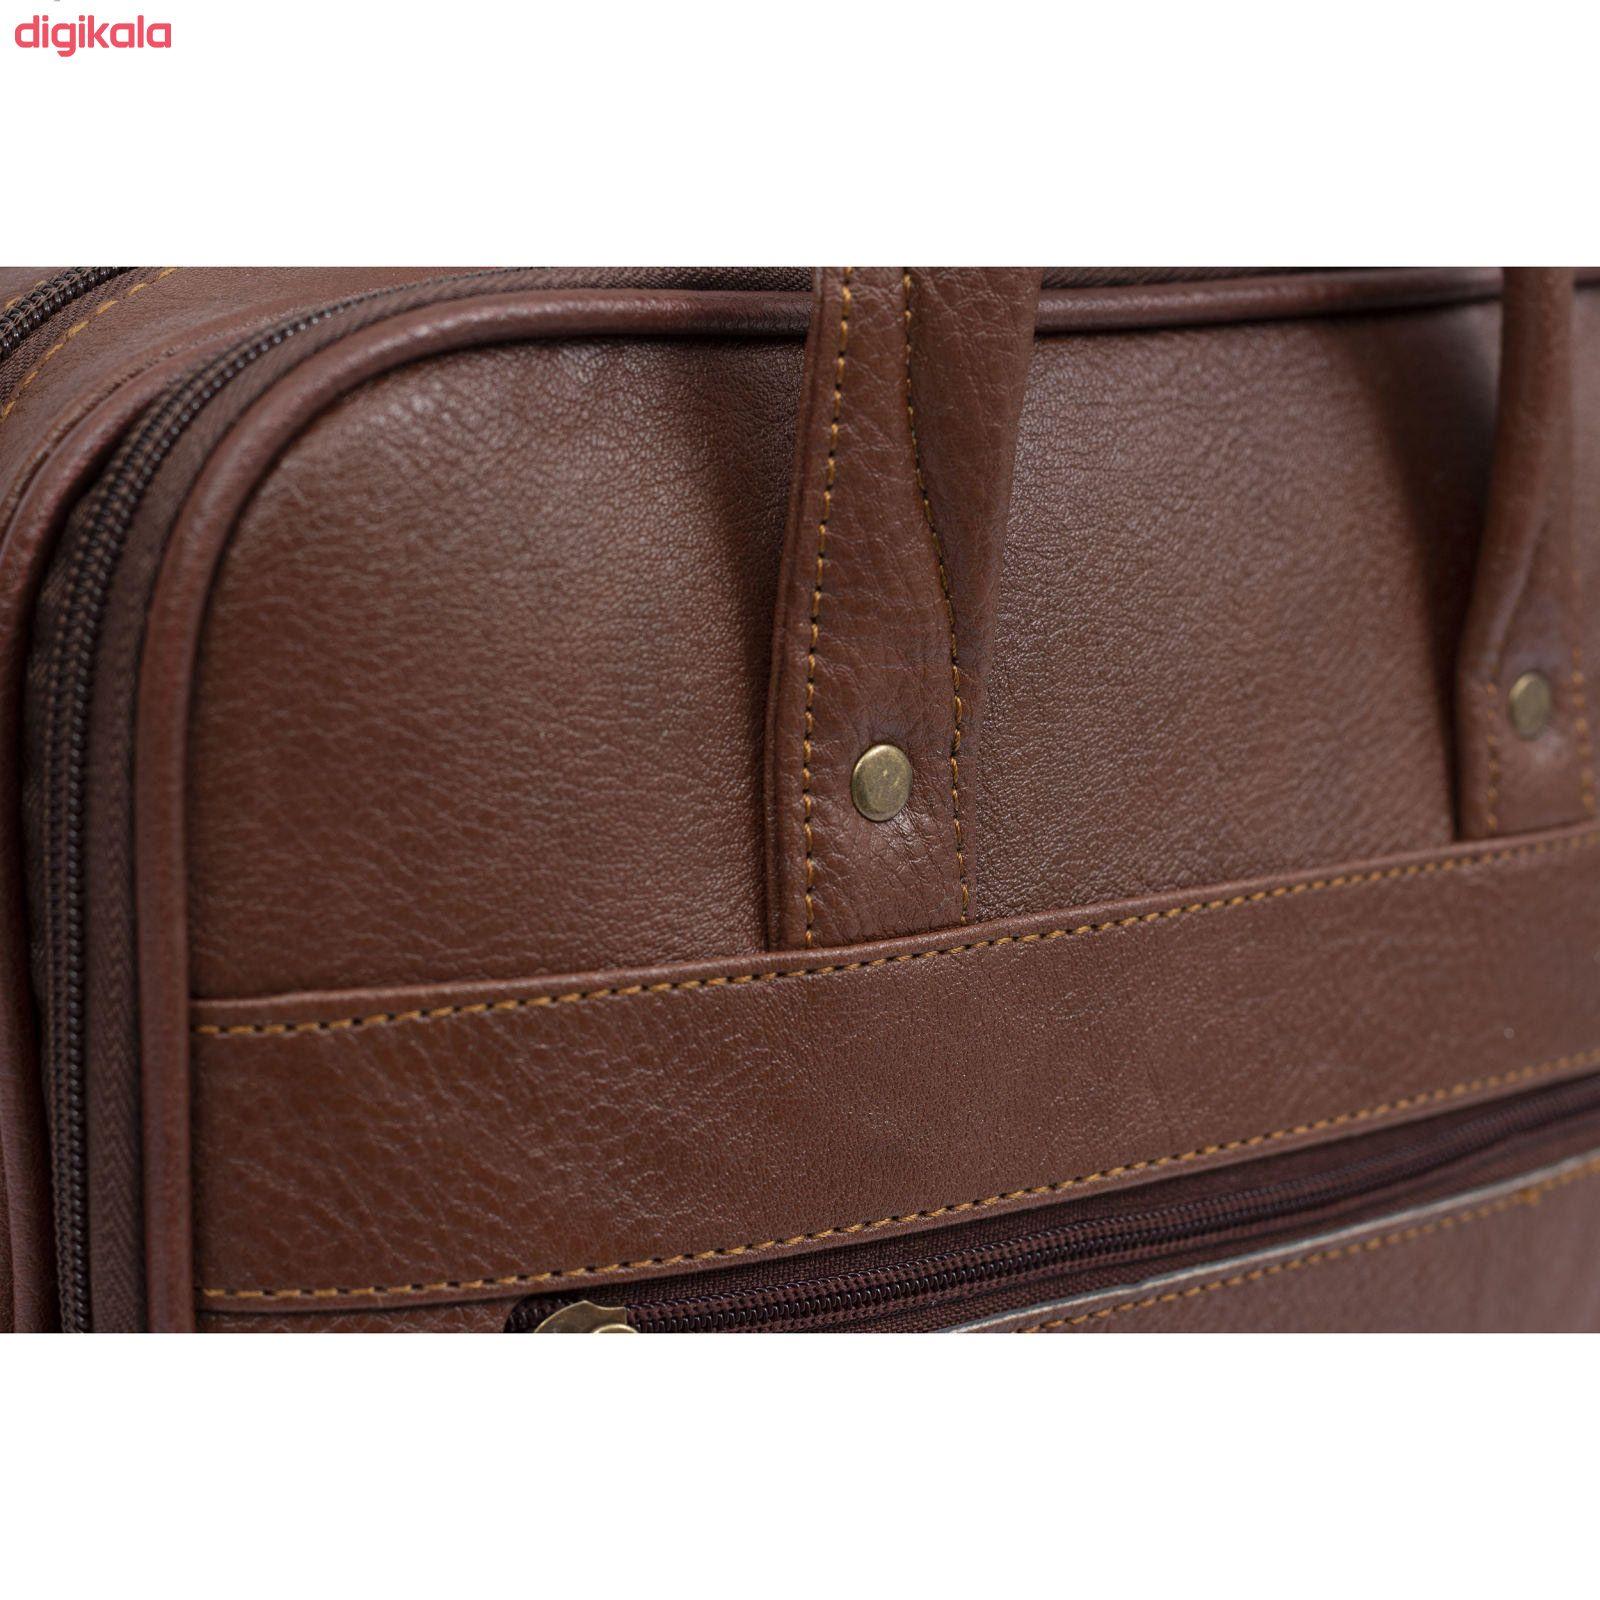 کیف اداری مردانه چرم ما مدل SH main 1 3